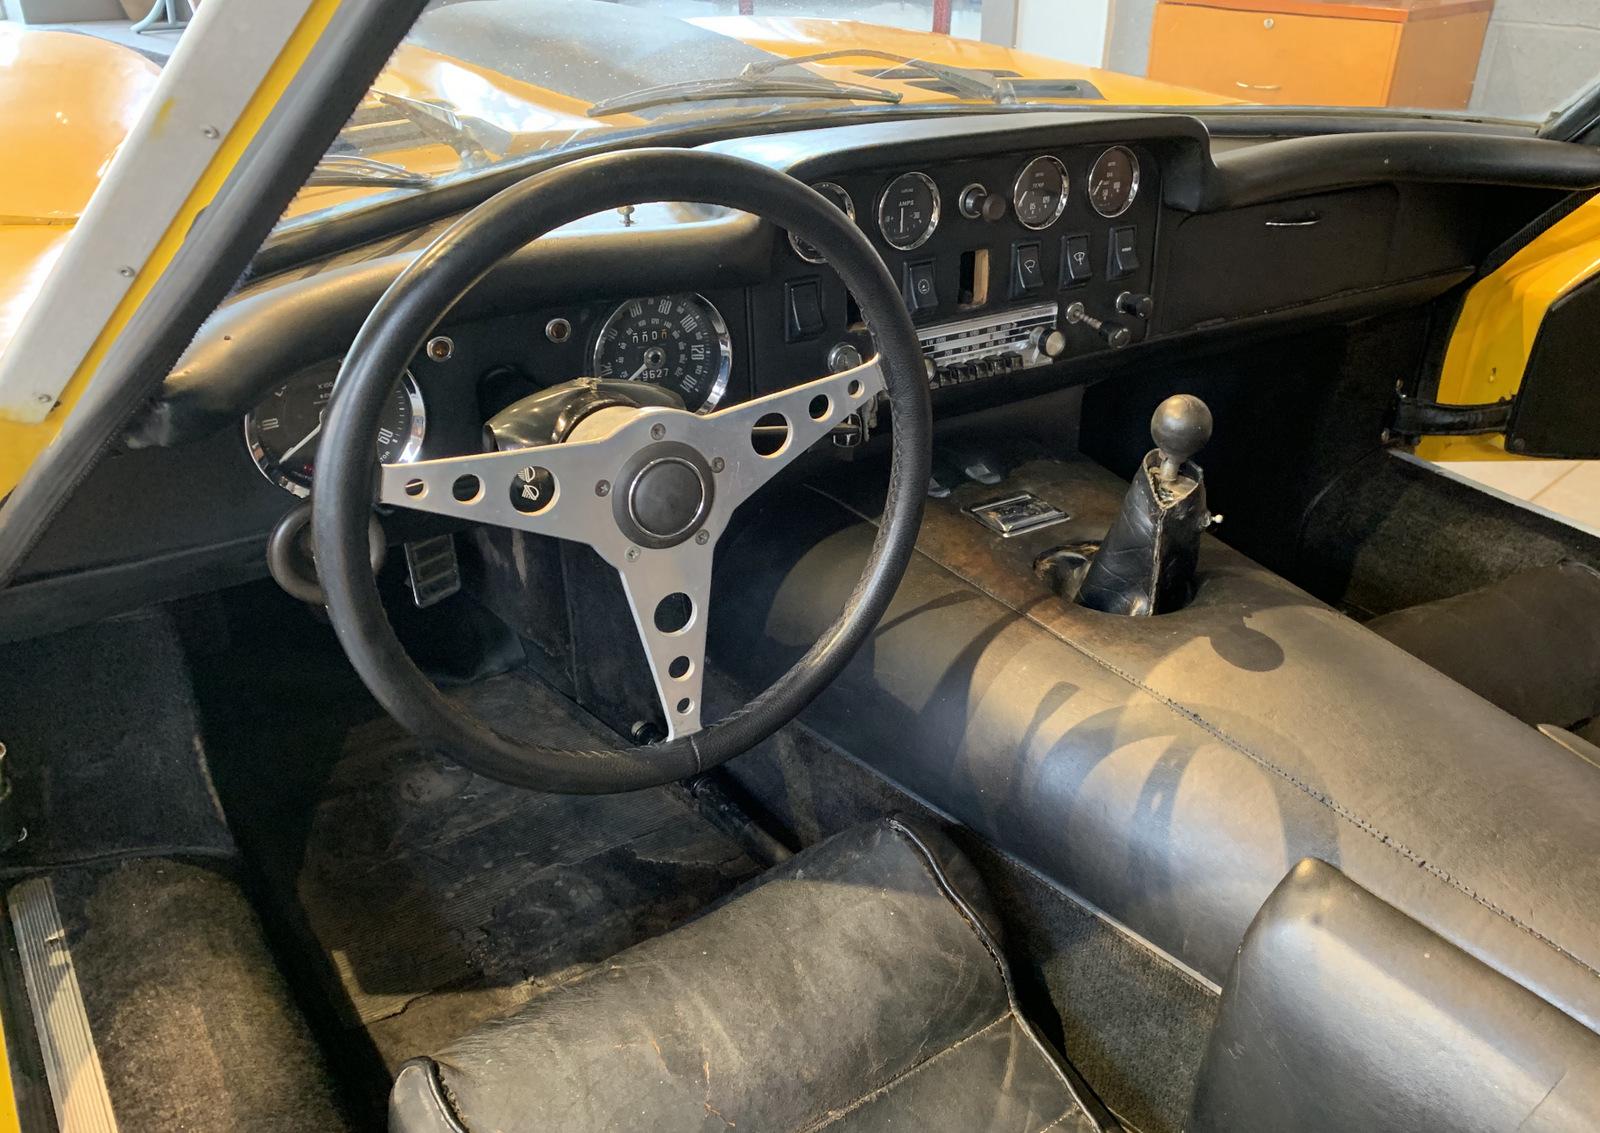 1969 Marcos GT steering wheel